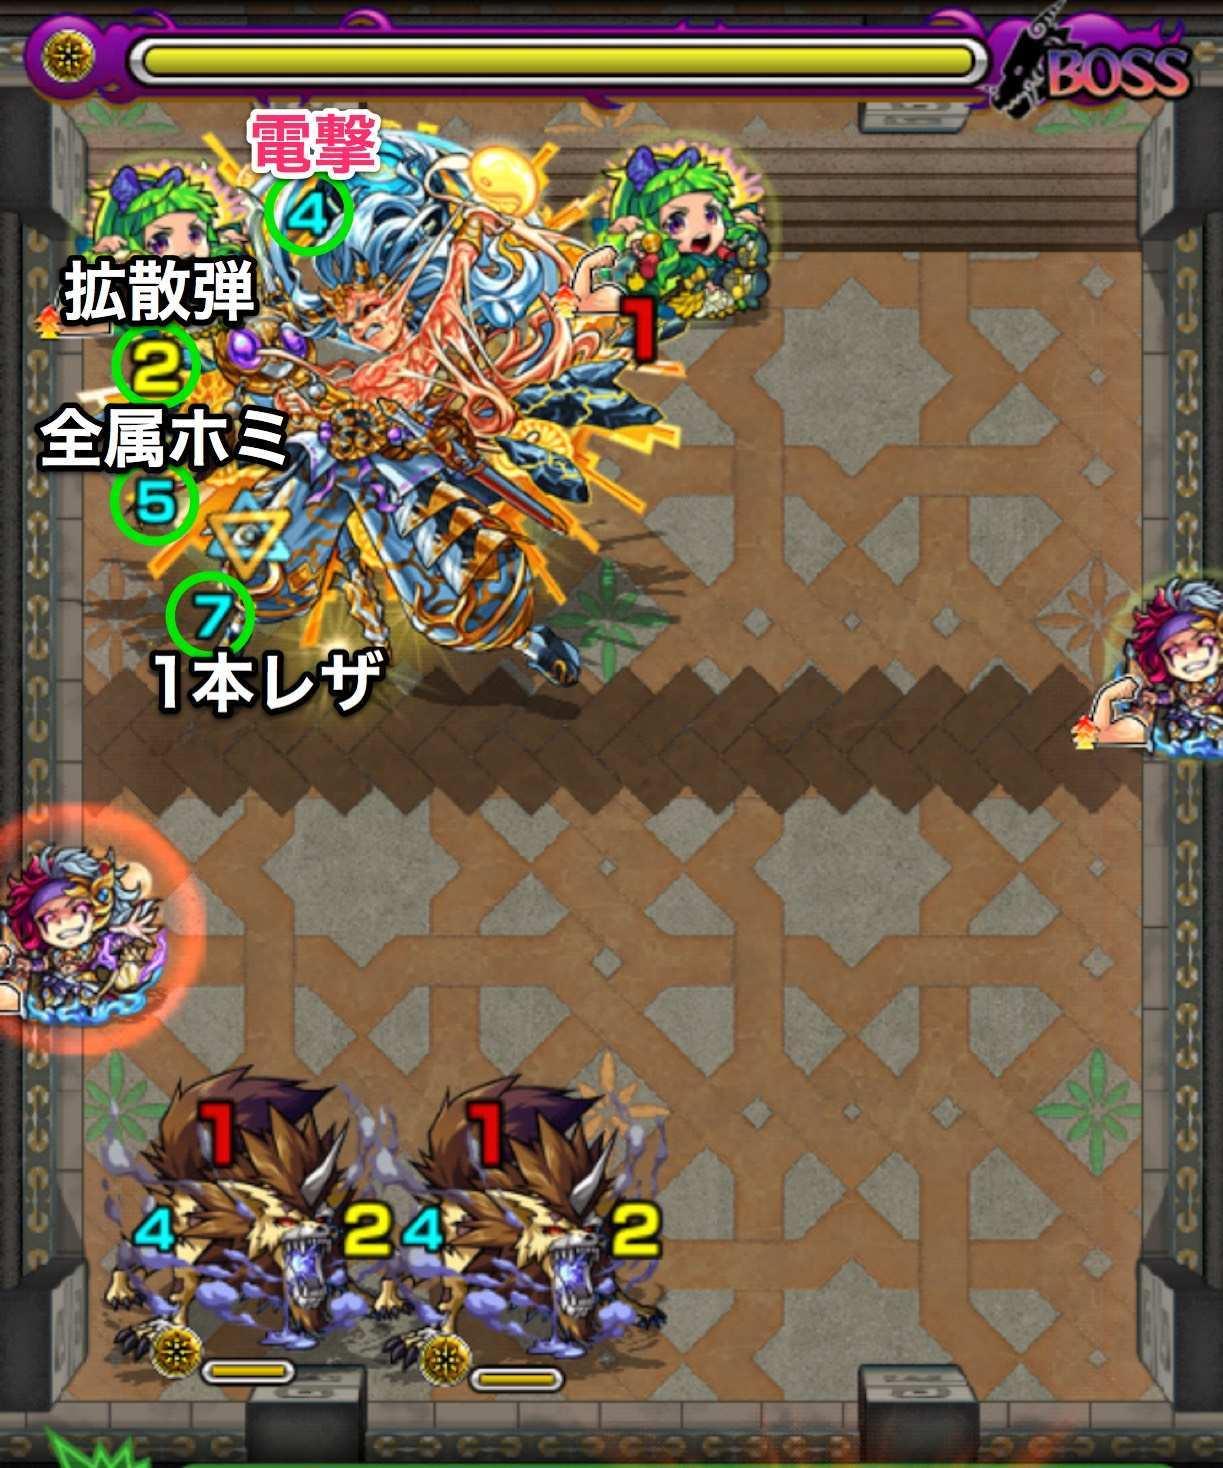 覇者の塔39階ボス3攻略.jpg